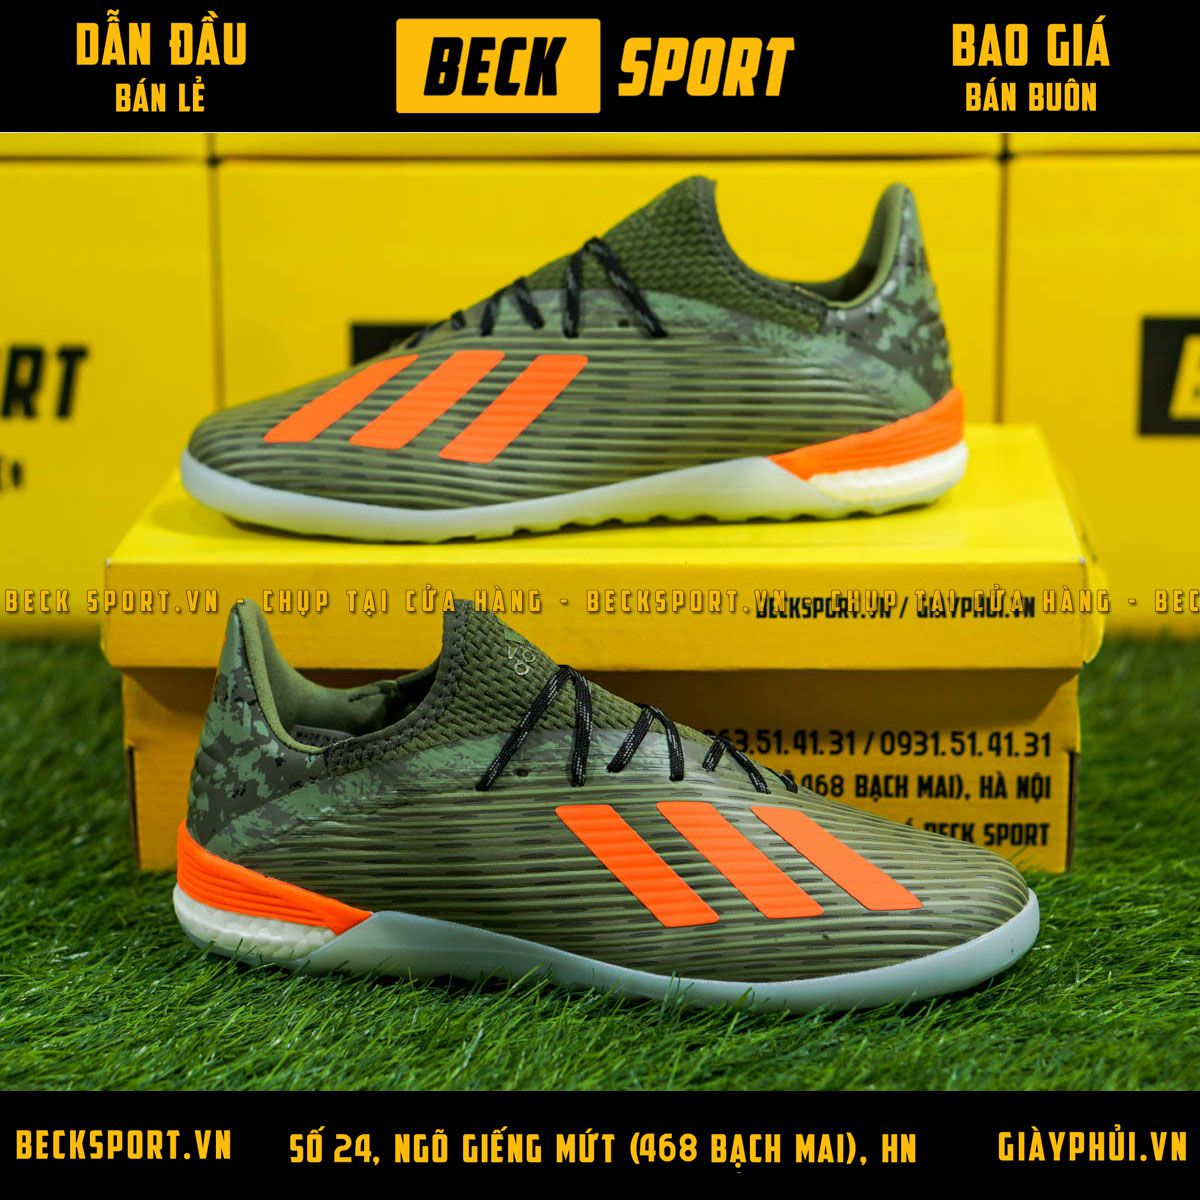 Giày Bóng Đá Adidas X 19.1 Xanh Rêu Vạch Cam Gót Rằn Ri V2 IC